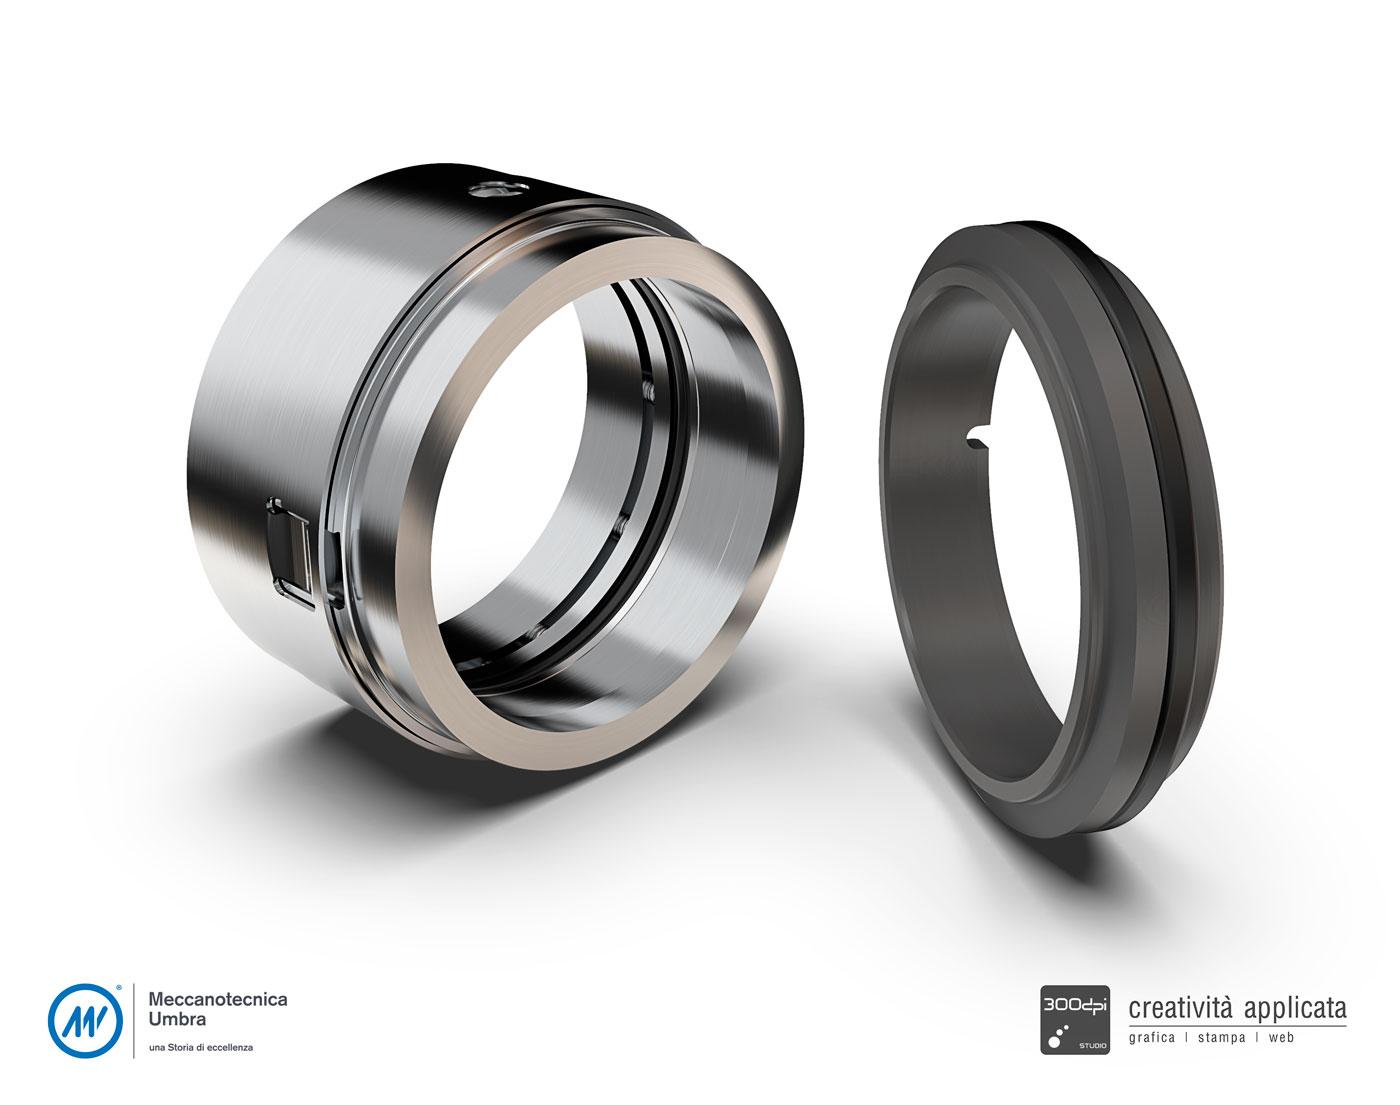 Render 3D pezzo meccanico - Meccanotecnica Umbra